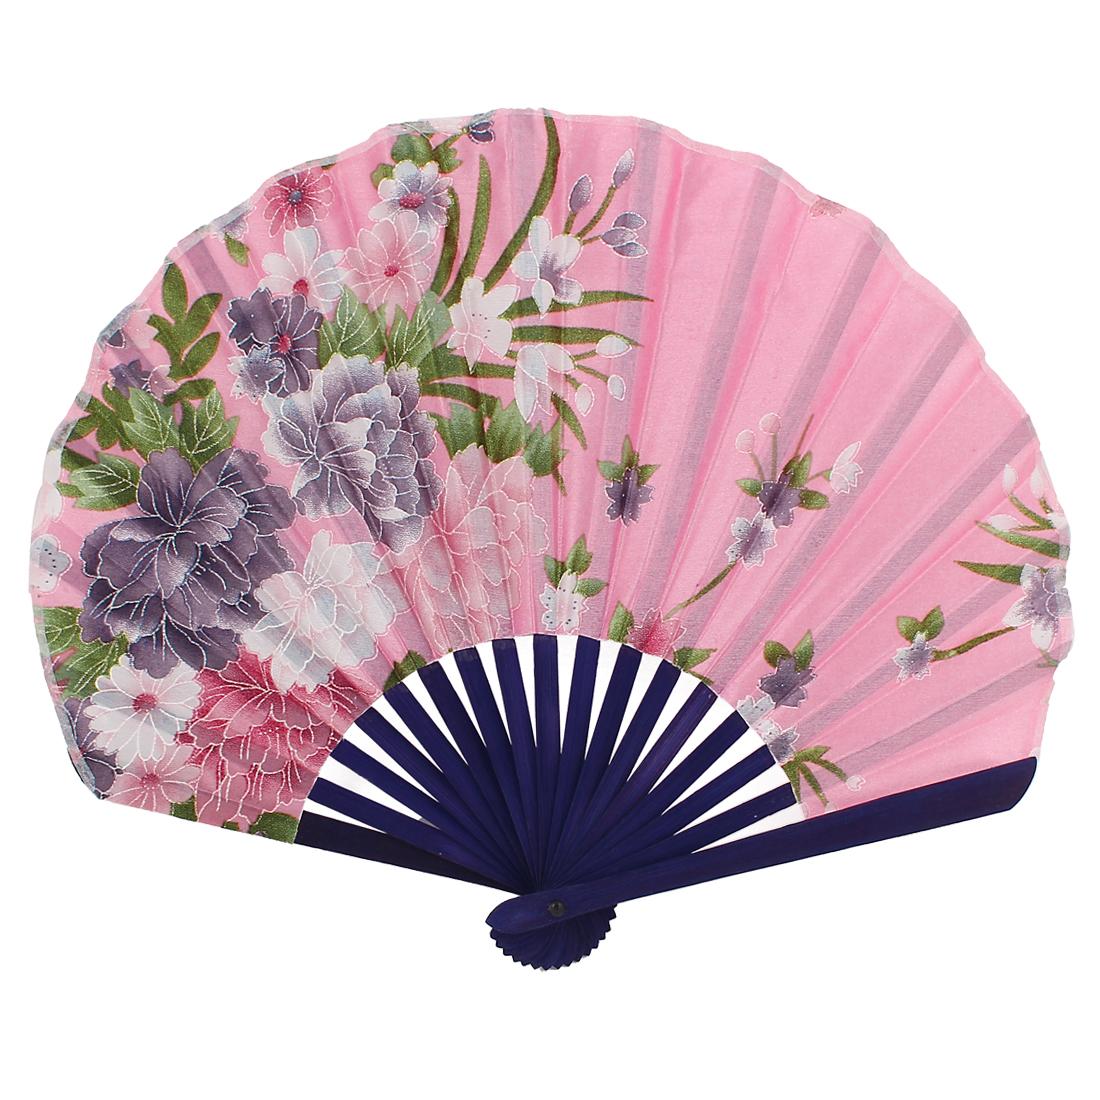 Seashell Shape Flower Pattern Japanese Style Folding Hand Fan Pink